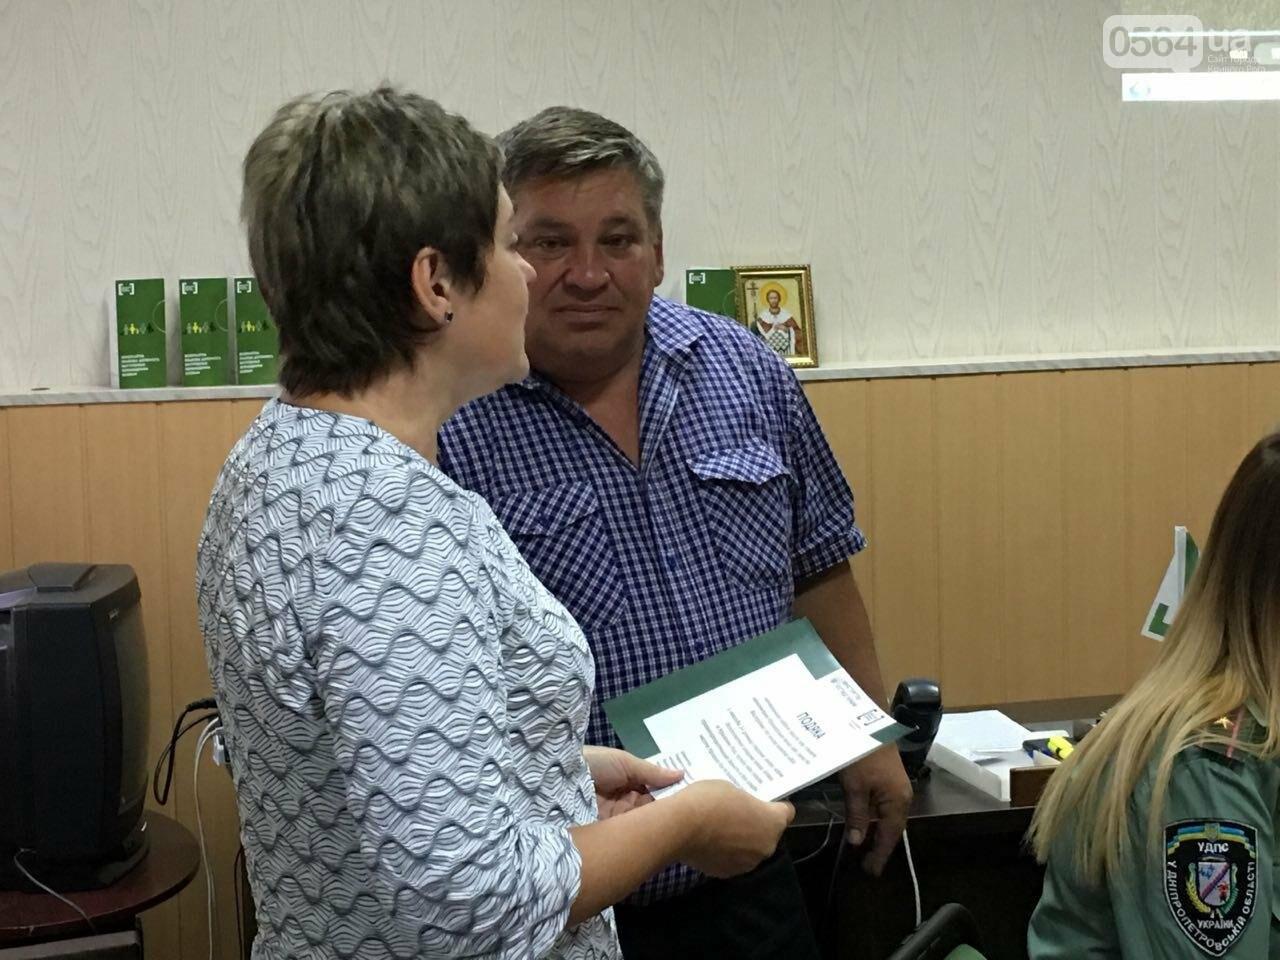 Криворожские центры по предоставлению бесплатной правовой помощи подвели итоги работы за 3 года, - ФОТО, фото-19